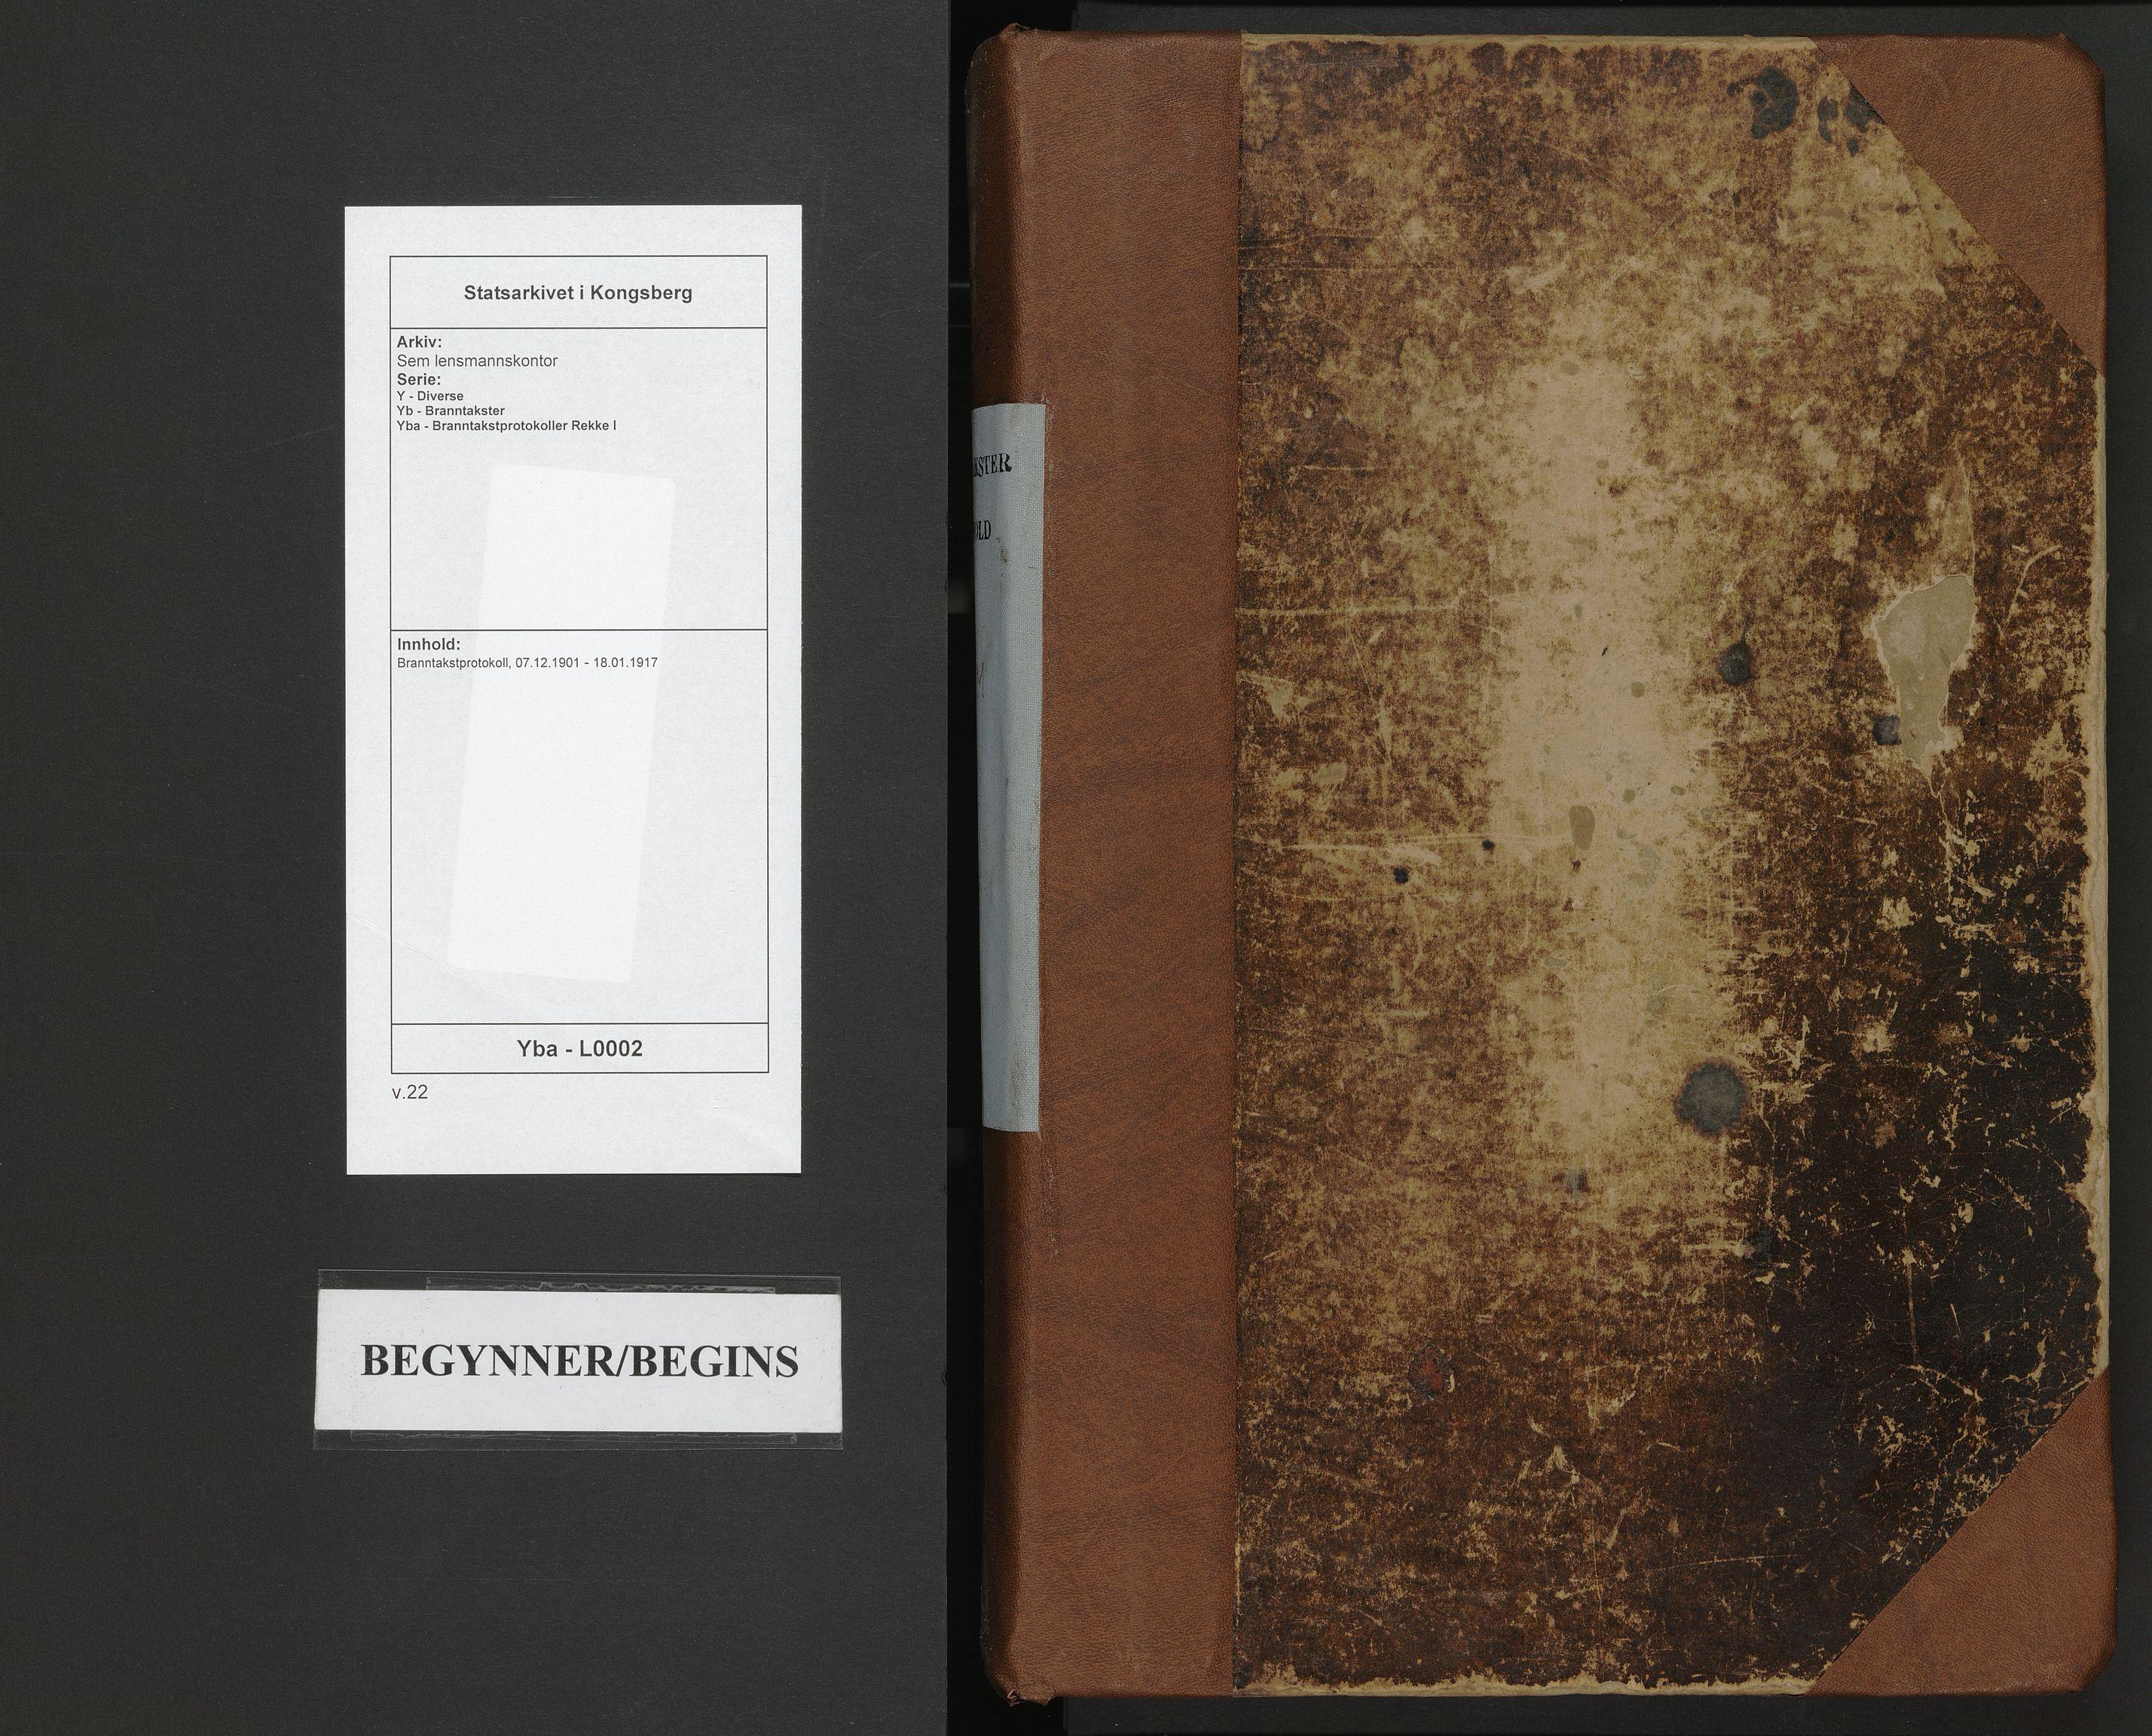 SAKO, Sem lensmannskontor, Y/Yb/Yba/L0002: Branntakstprotokoll, 1901-1917